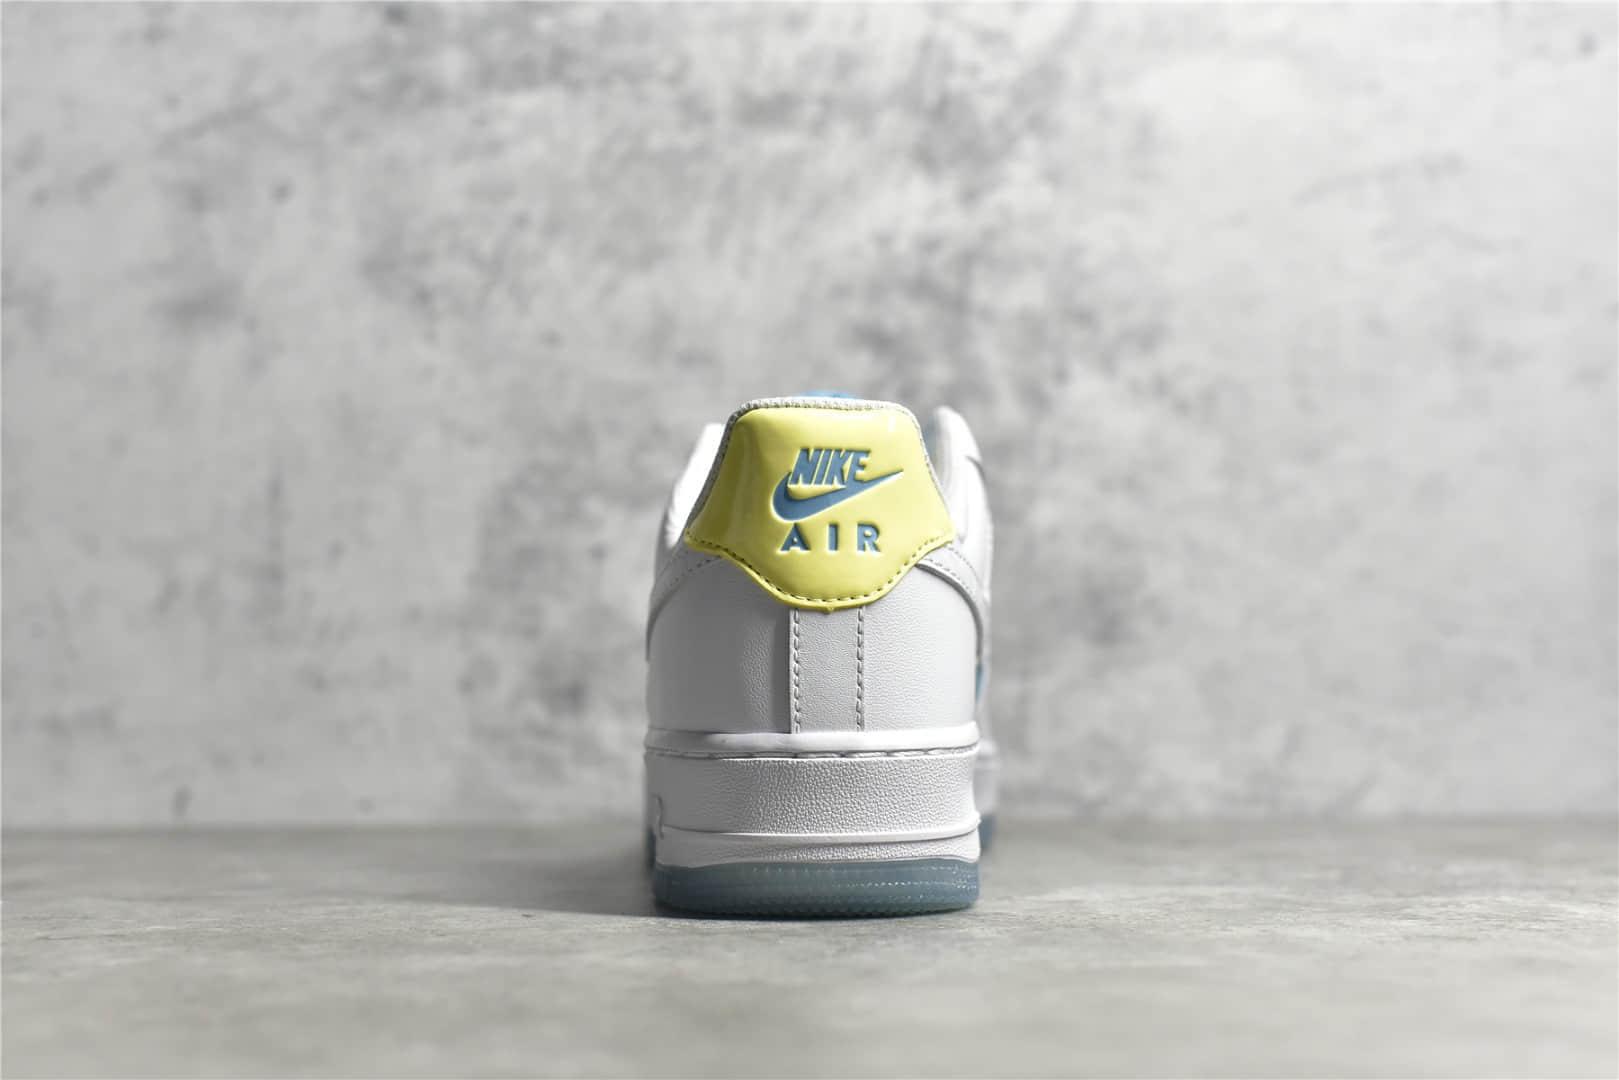 耐克空军钻石联名 Nike Air Force 1 Low 莆田纯原版本耐克红军白蓝麂皮低帮 货号:AA7687-400-潮流者之家